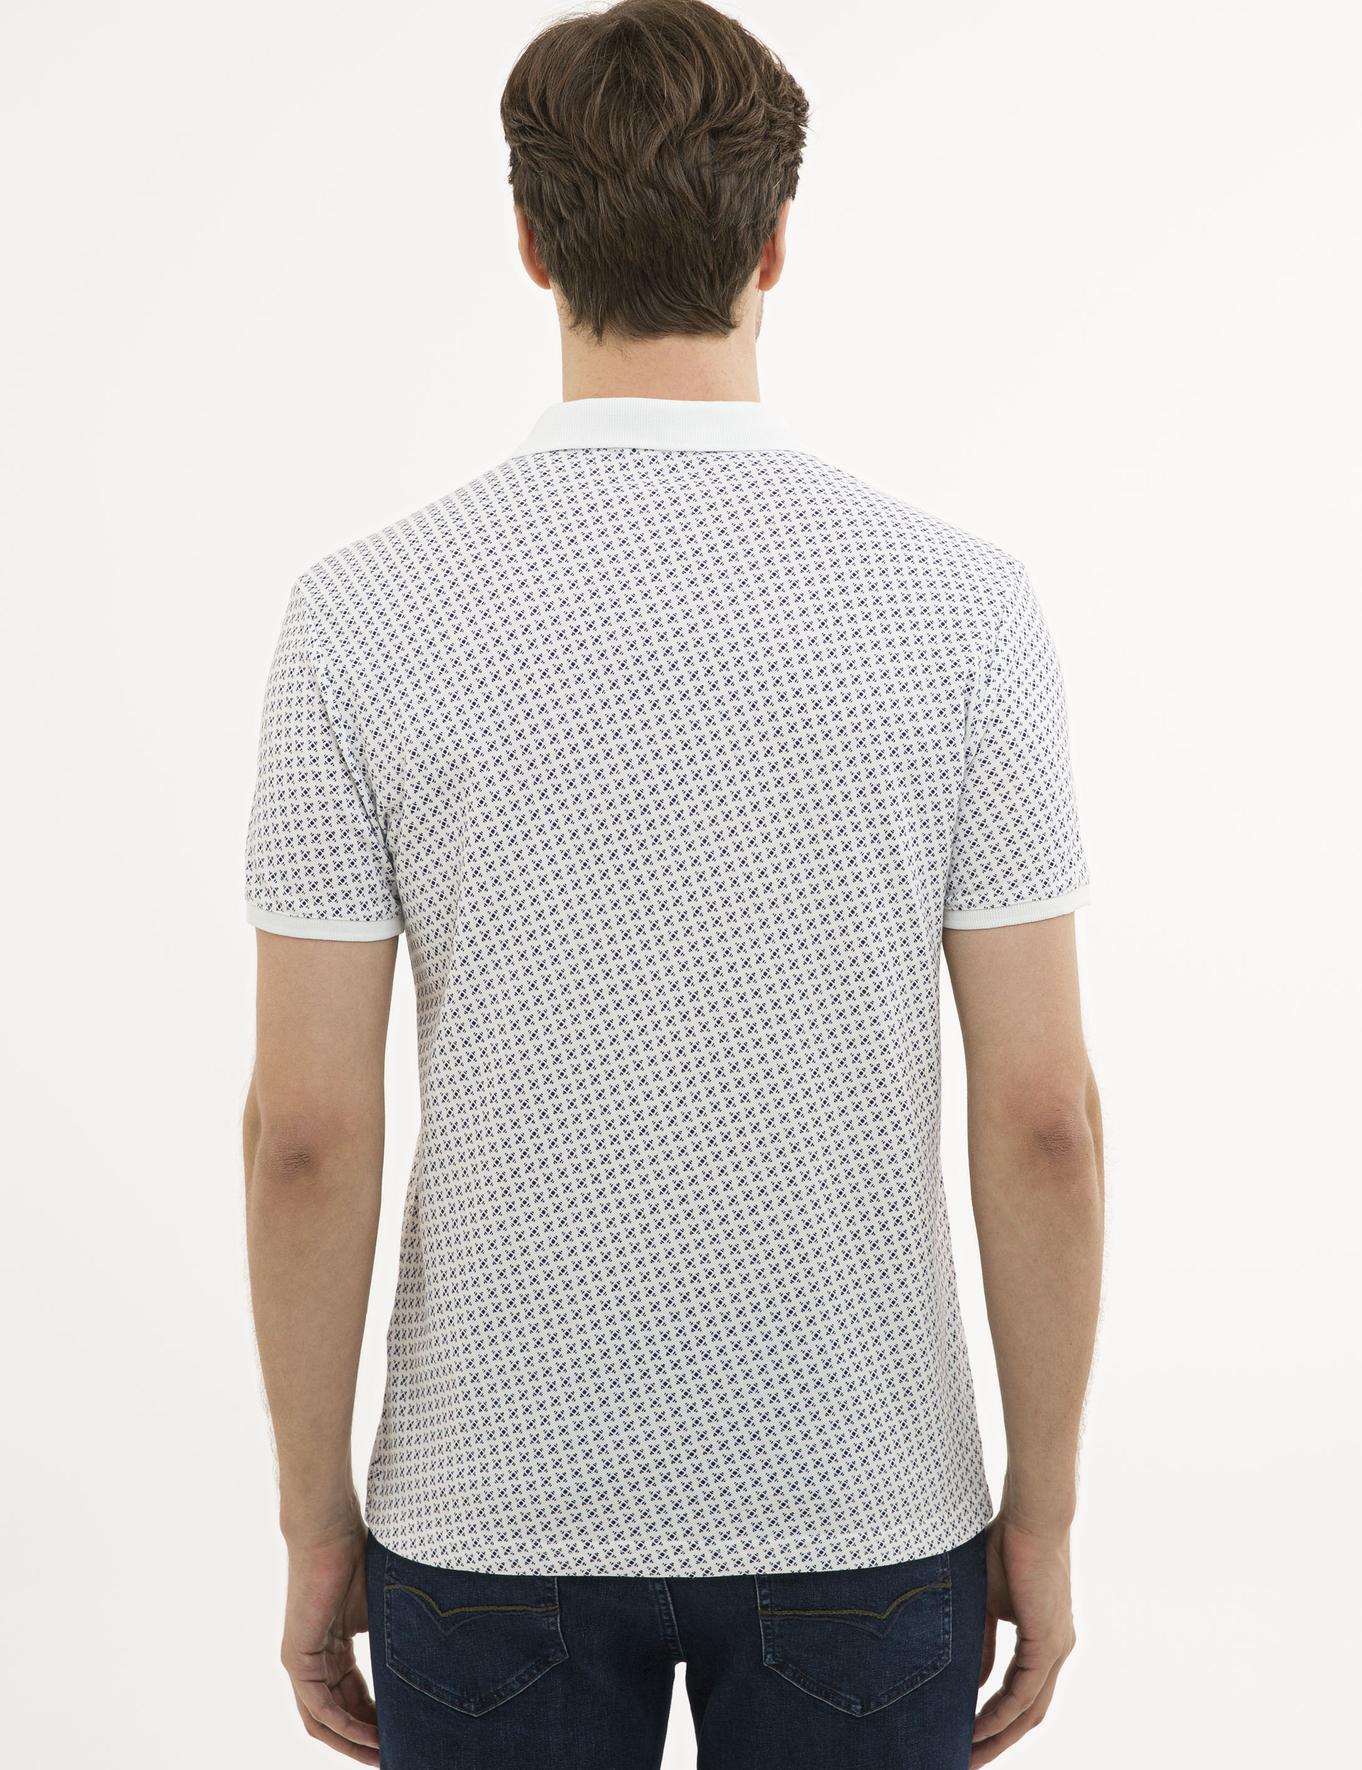 Polo Yaka T-Shirt - 50230522003